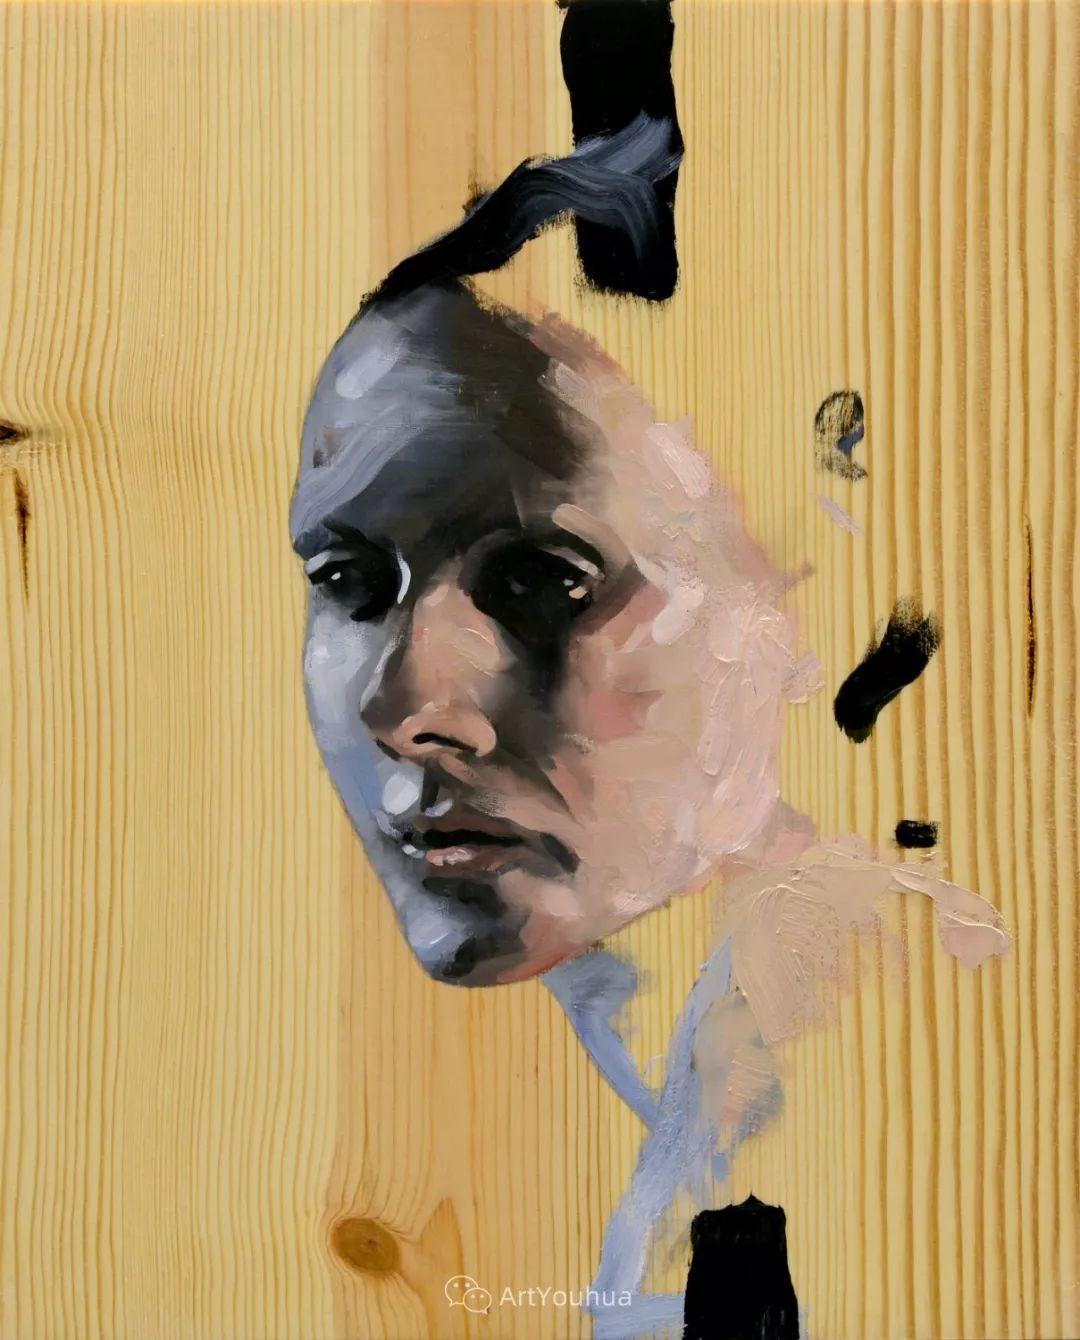 不完整的完整——Matthew Saba插图8